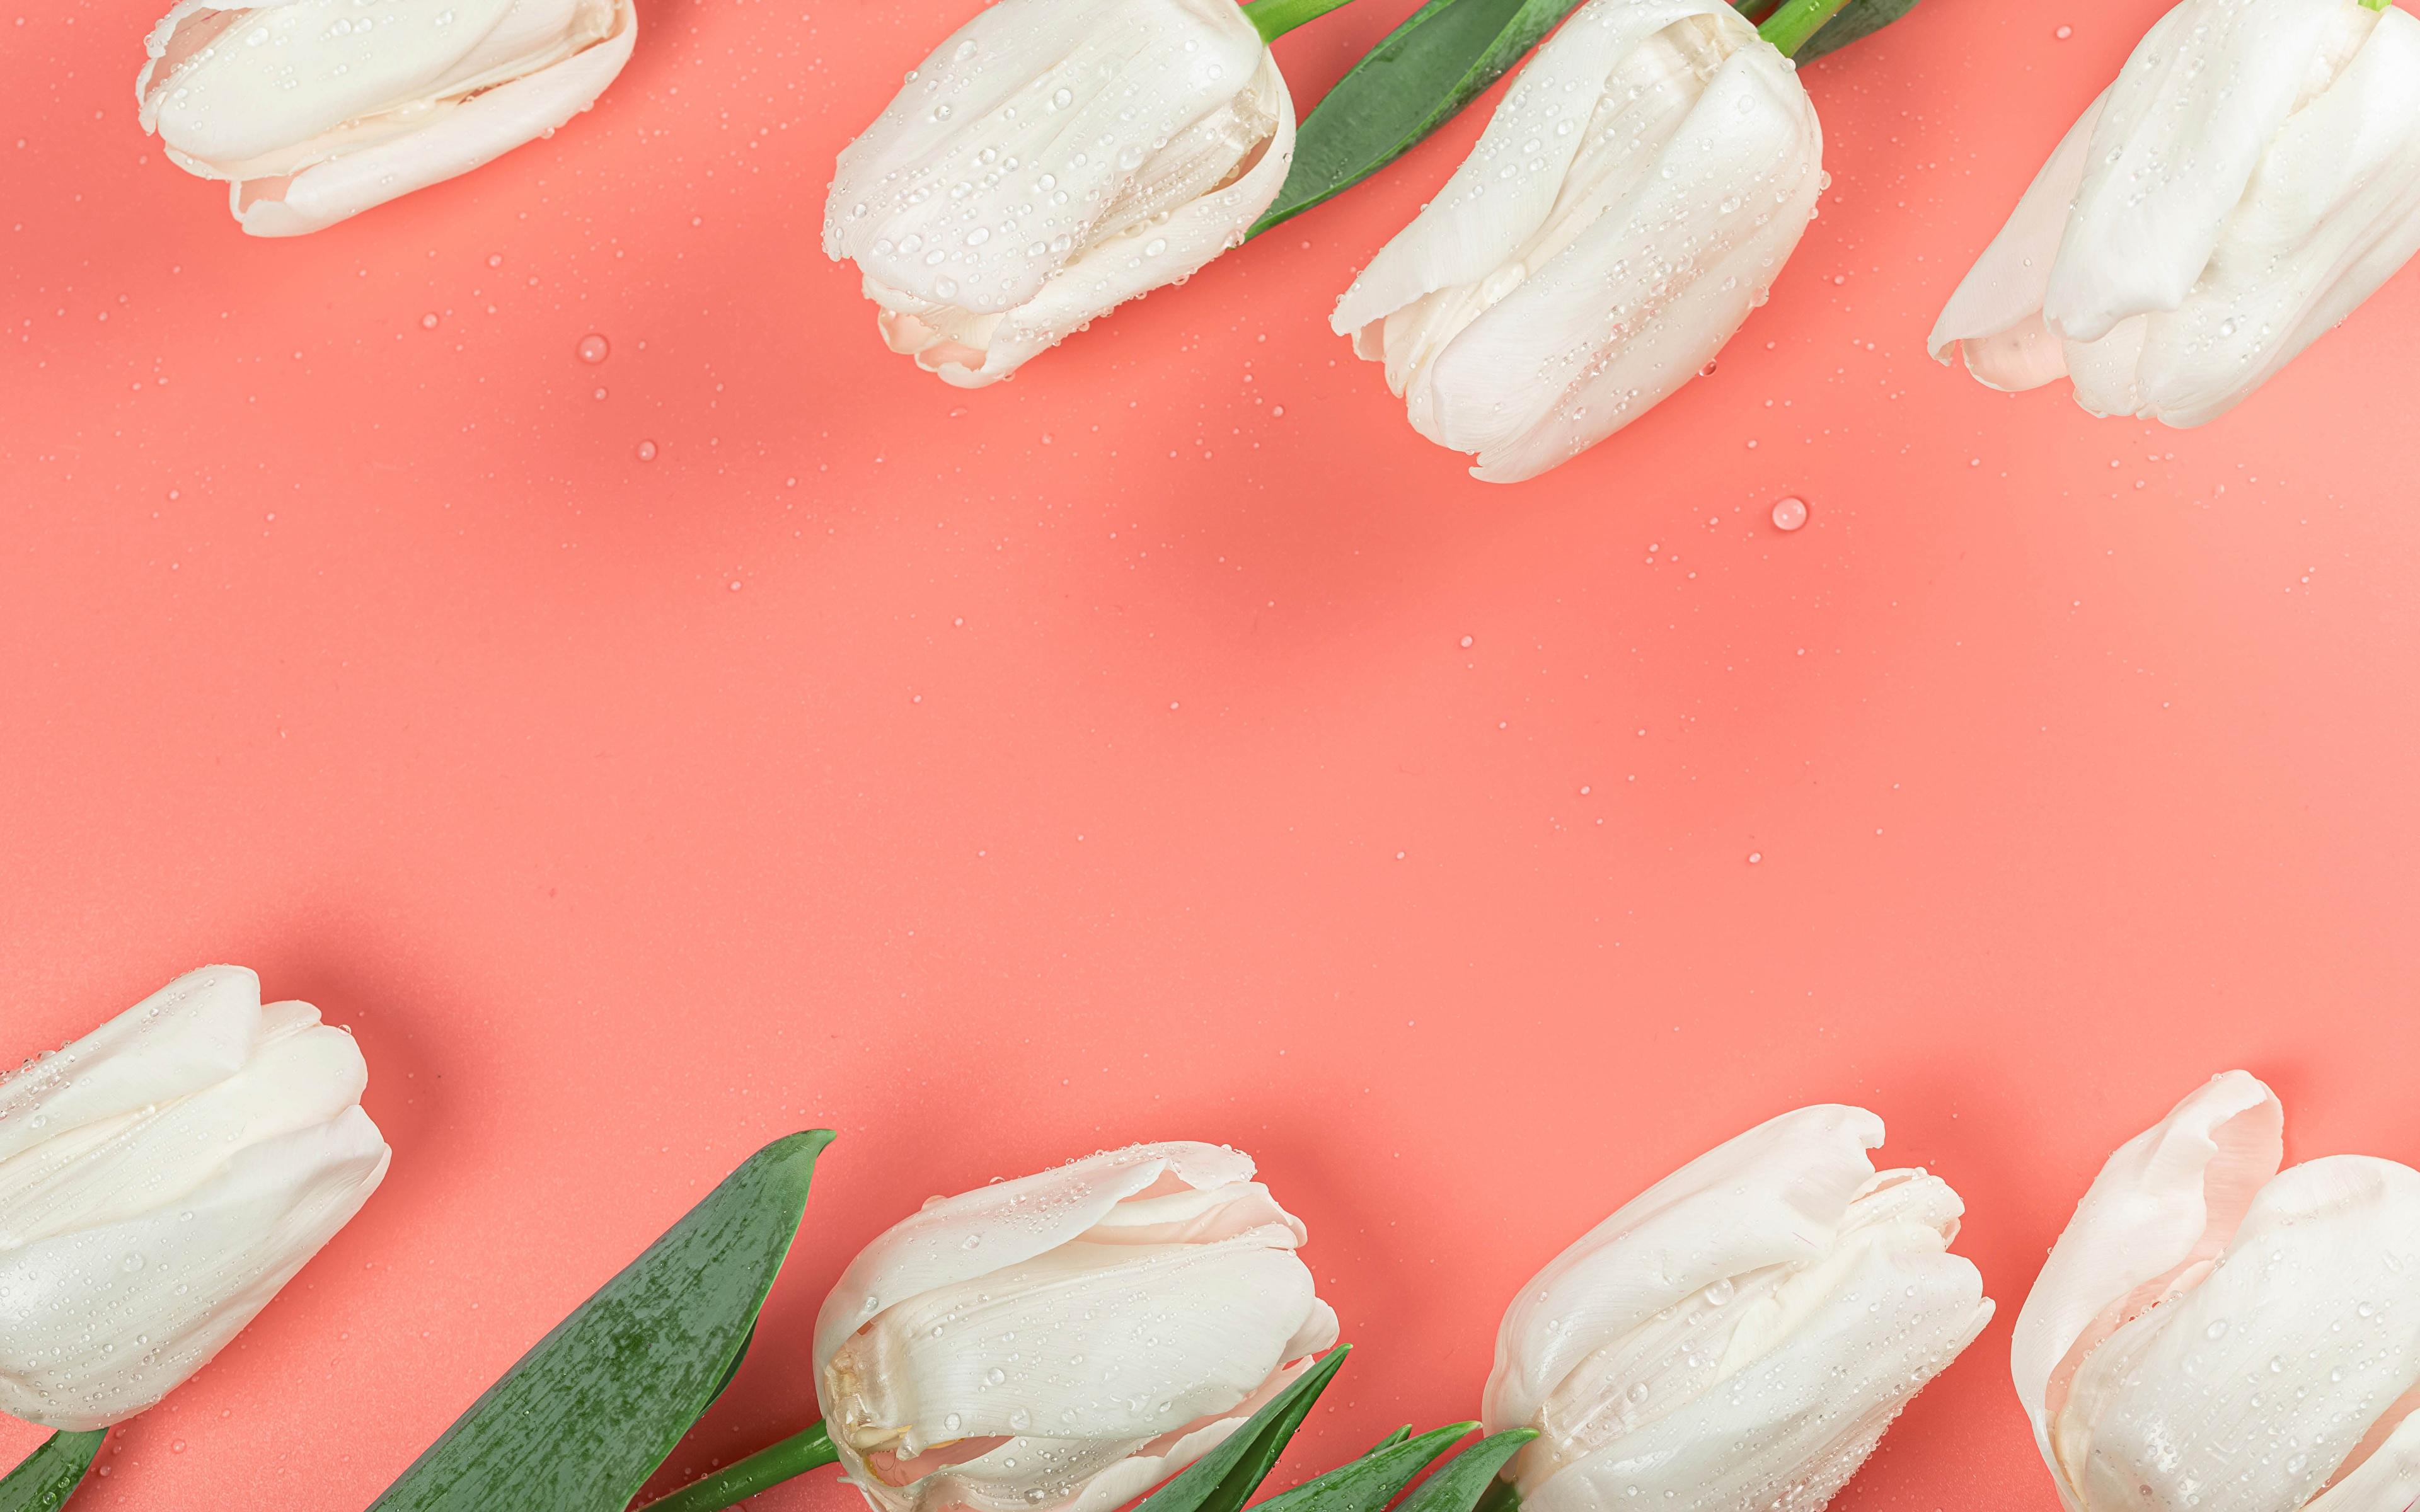 Картинки белые Тюльпаны Цветы капель Цветной фон 3840x2400 Белый белая белых тюльпан капля Капли цветок капельки